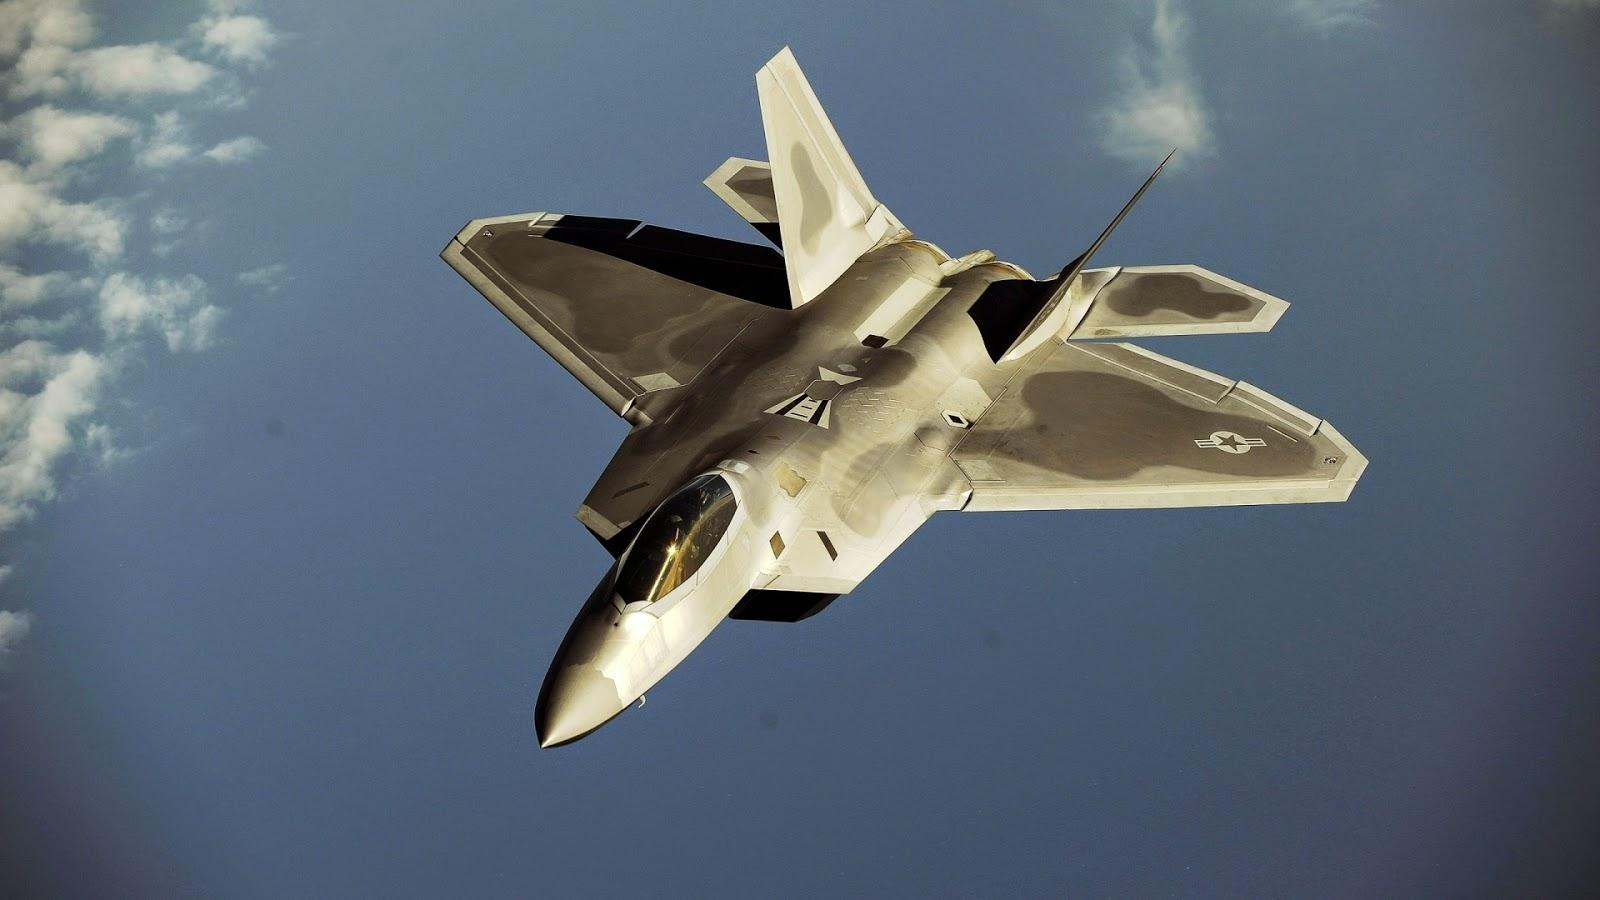 Plane F-22 Raptor